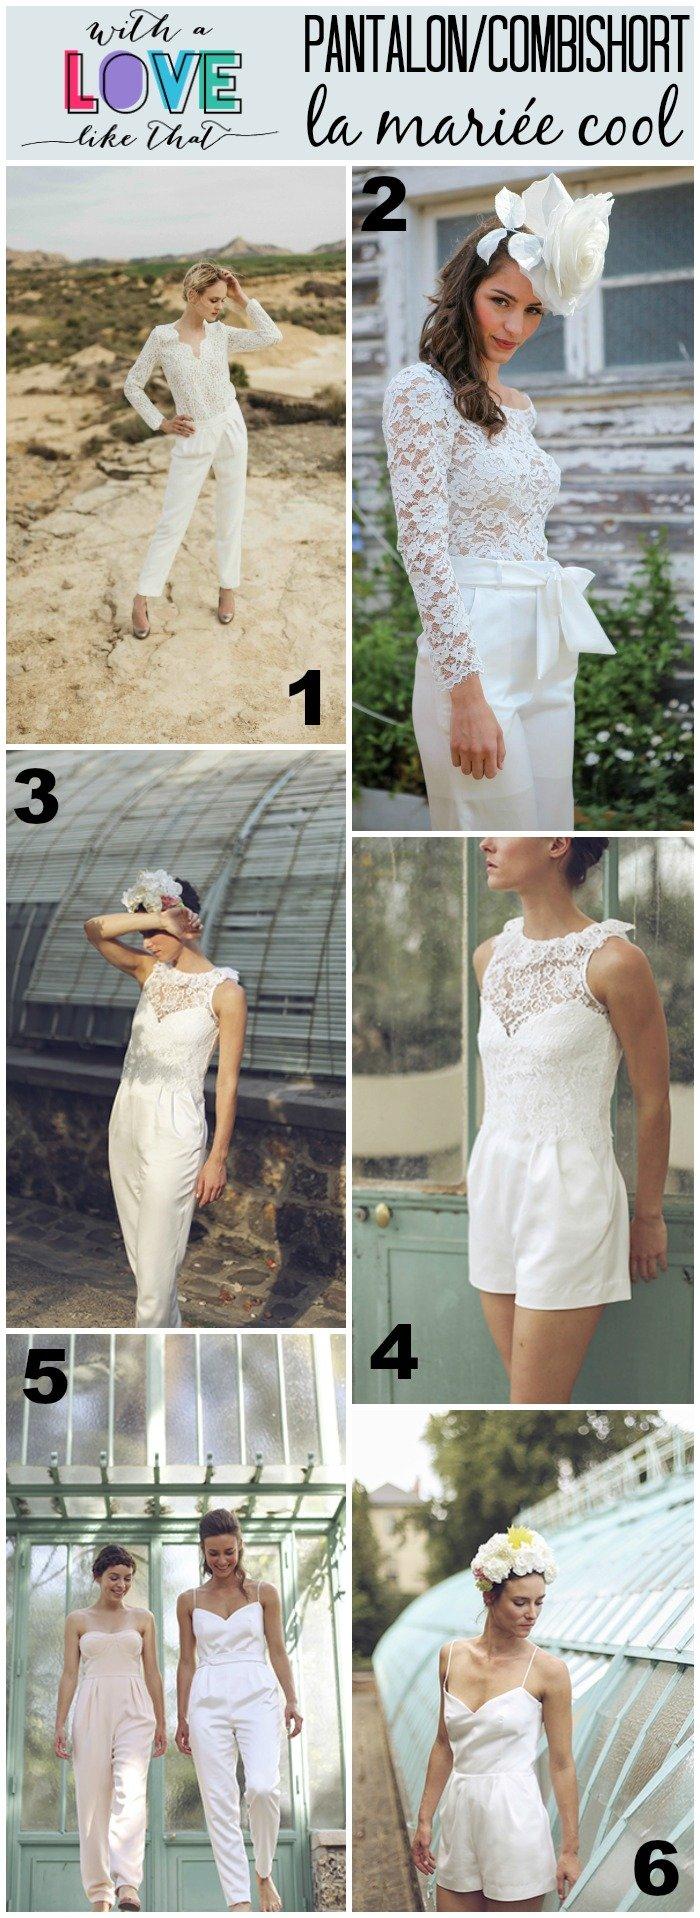 elegant deux ensembles pantalons pour marie pronuptia collection with  combinaison pantalon mariage. cool with combinaison pantalon mariage 049c07354e08